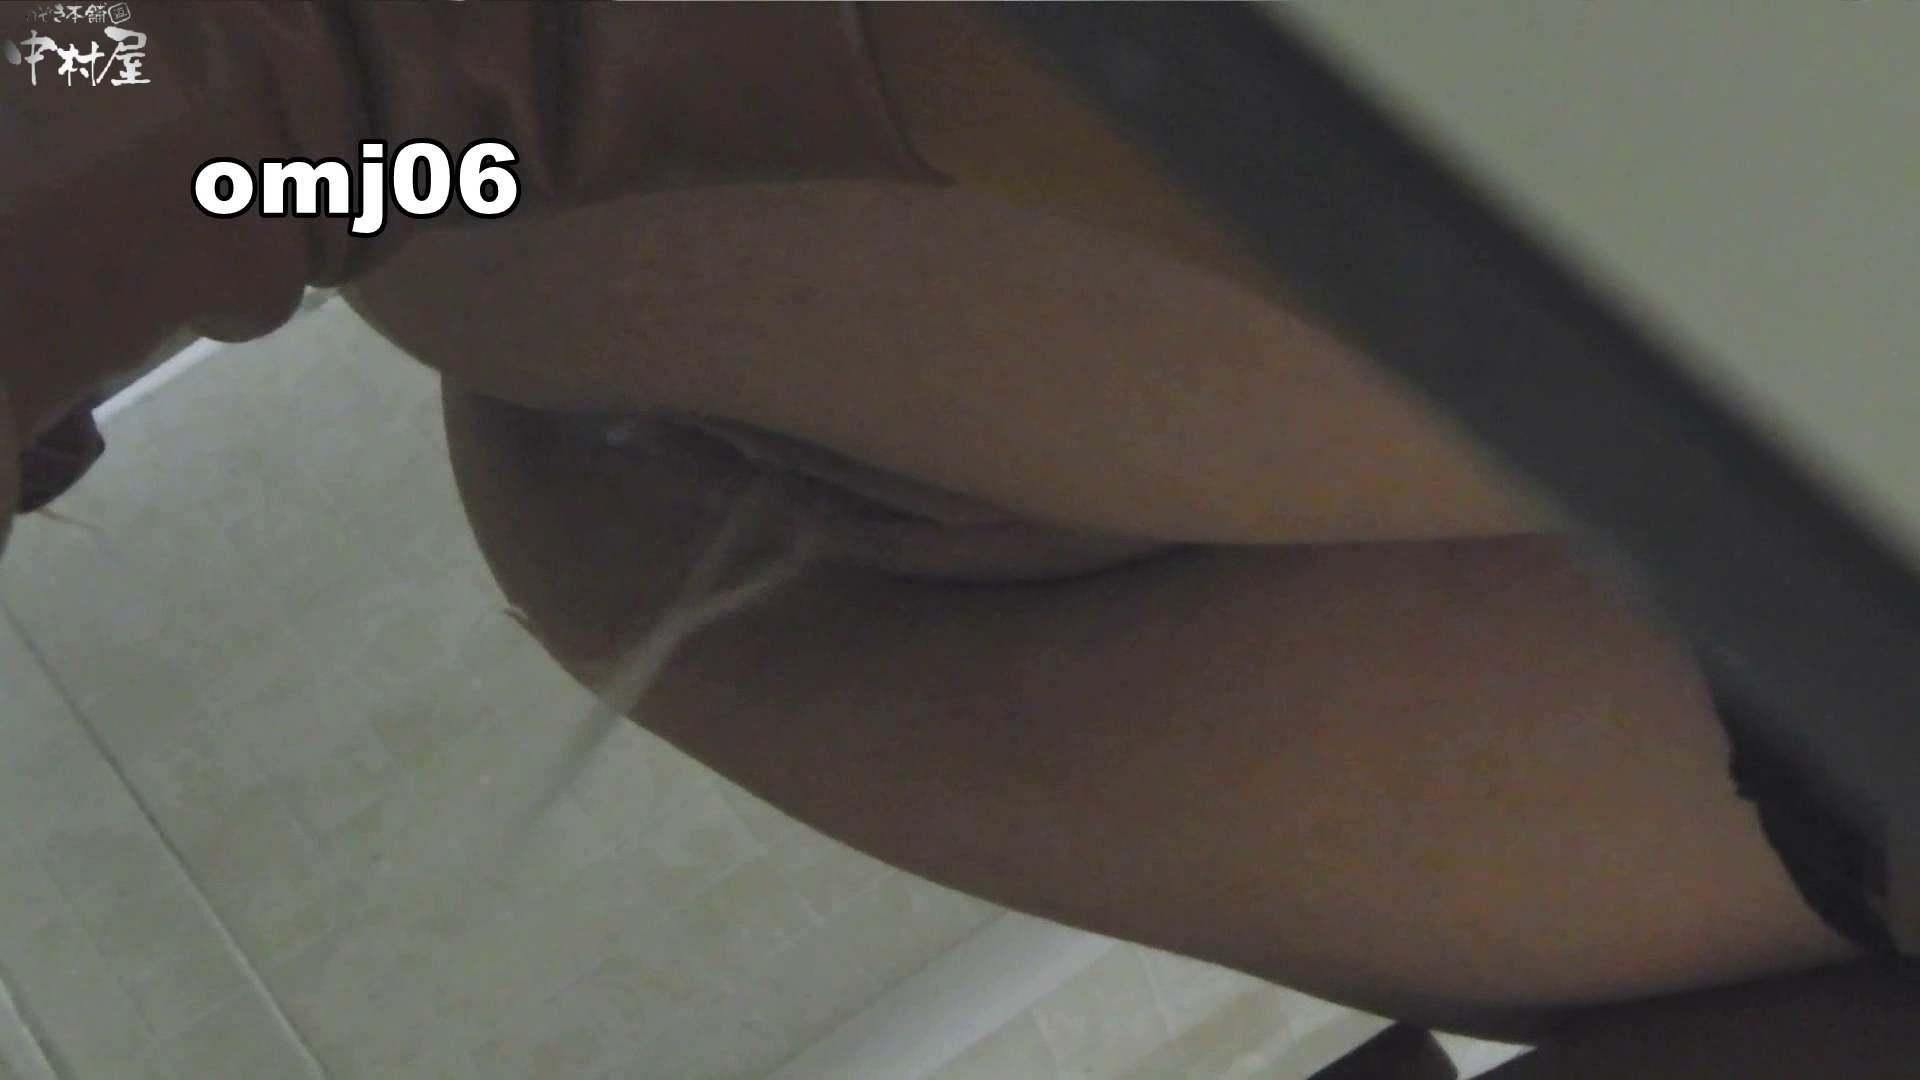 お市さんの「お尻丸出しジャンボリー」No.06 排泄 | 盗撮  48pic 22